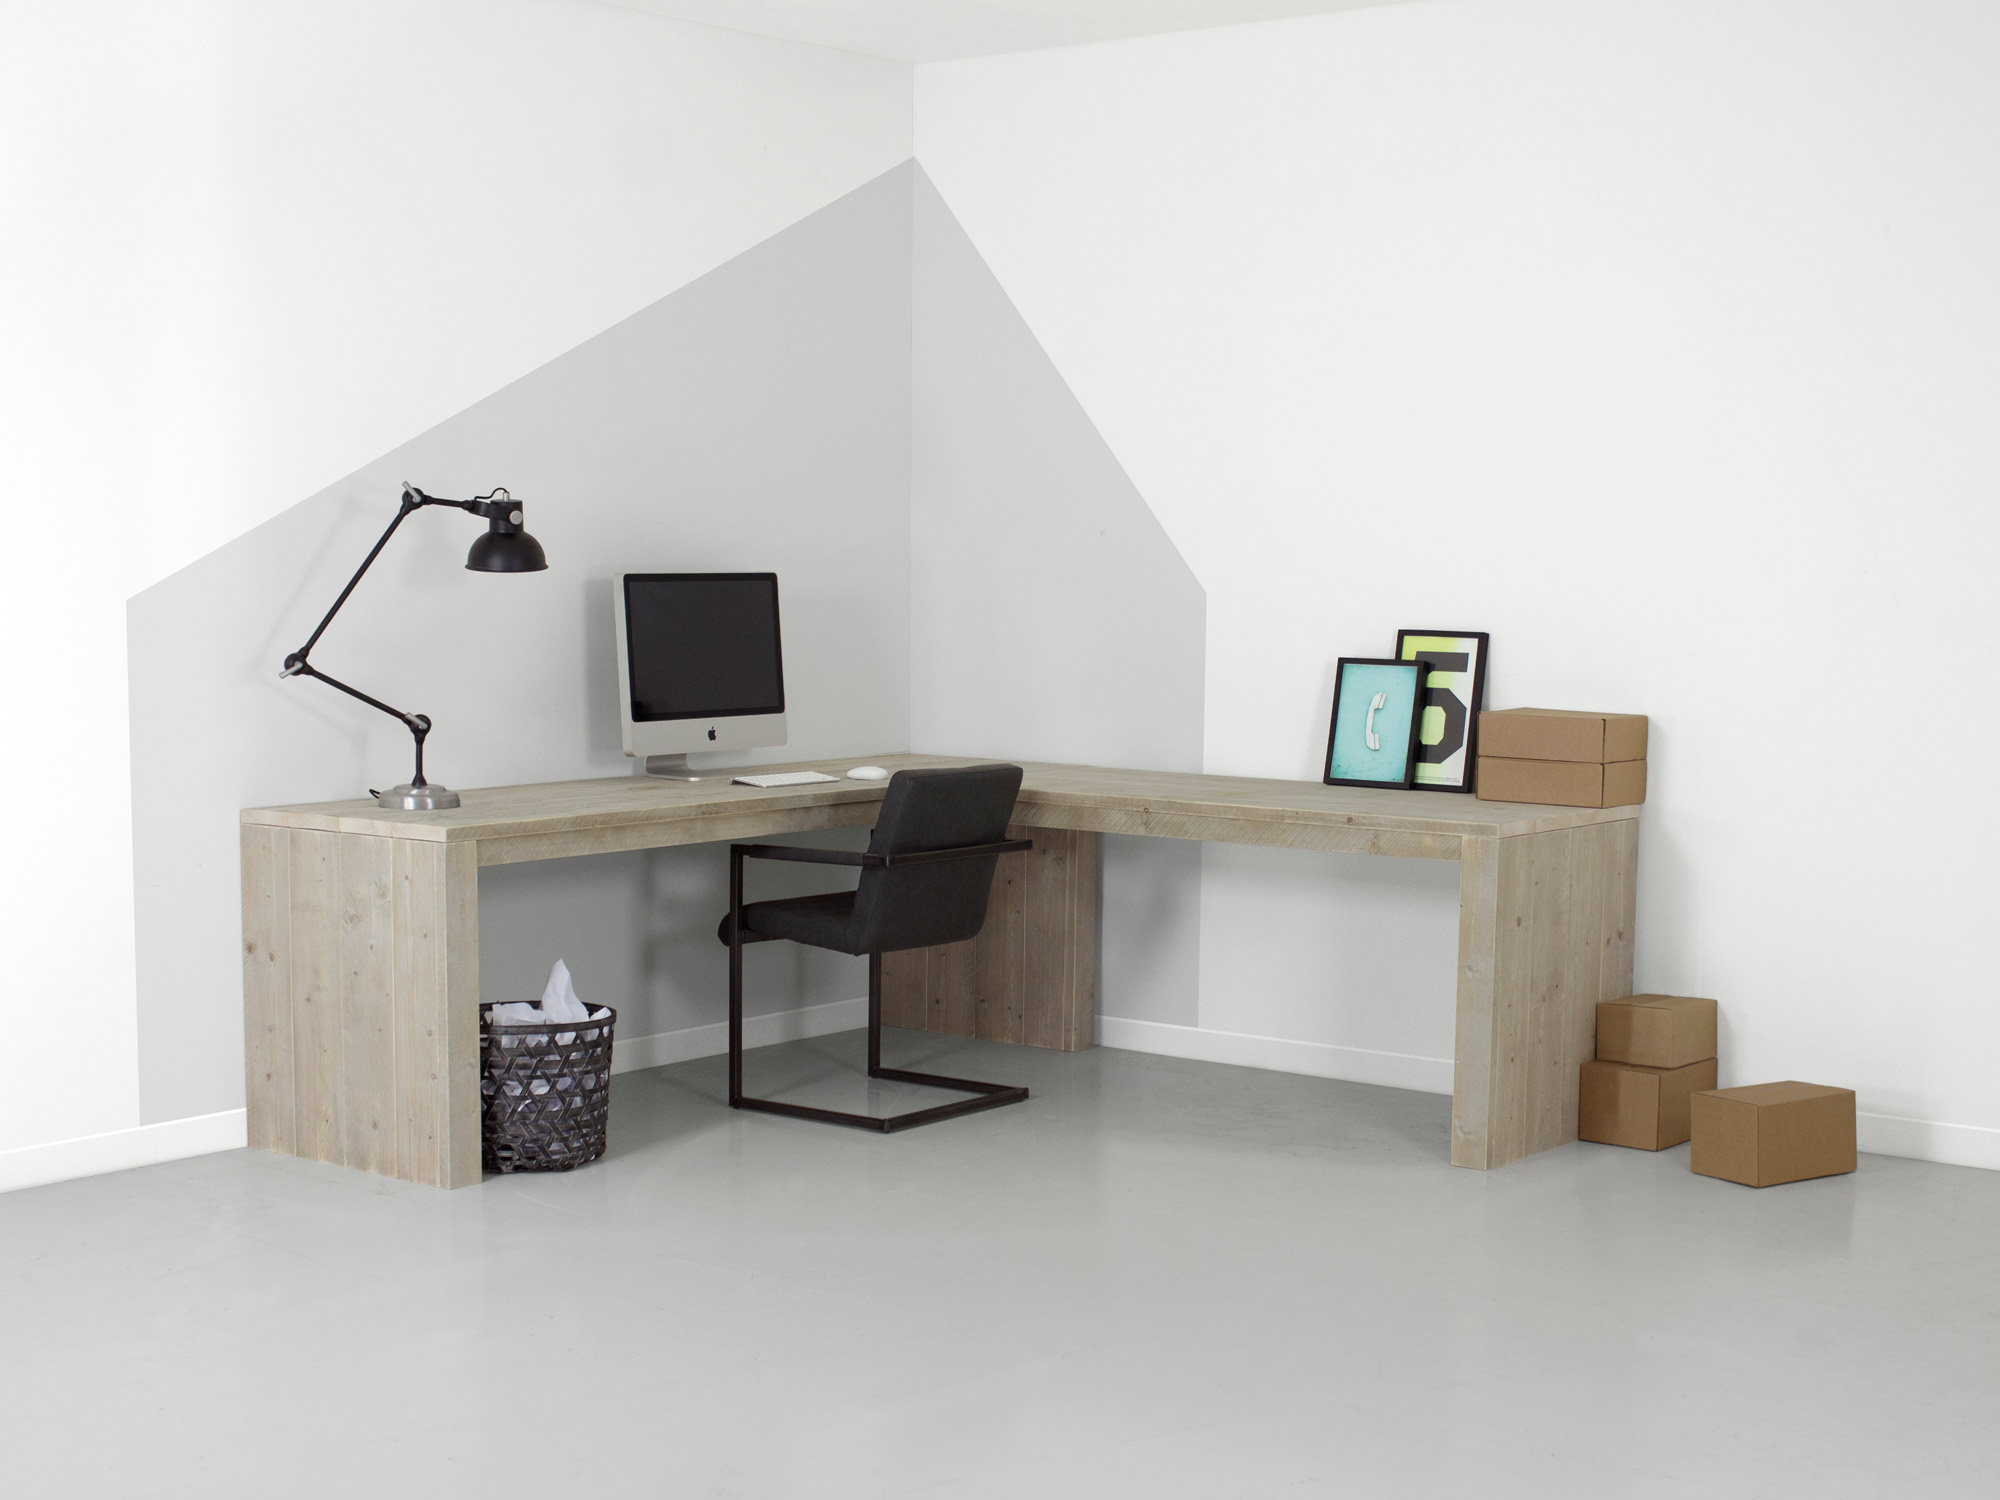 Bauholz Möbel online kaufen? Top Qualität bei ...